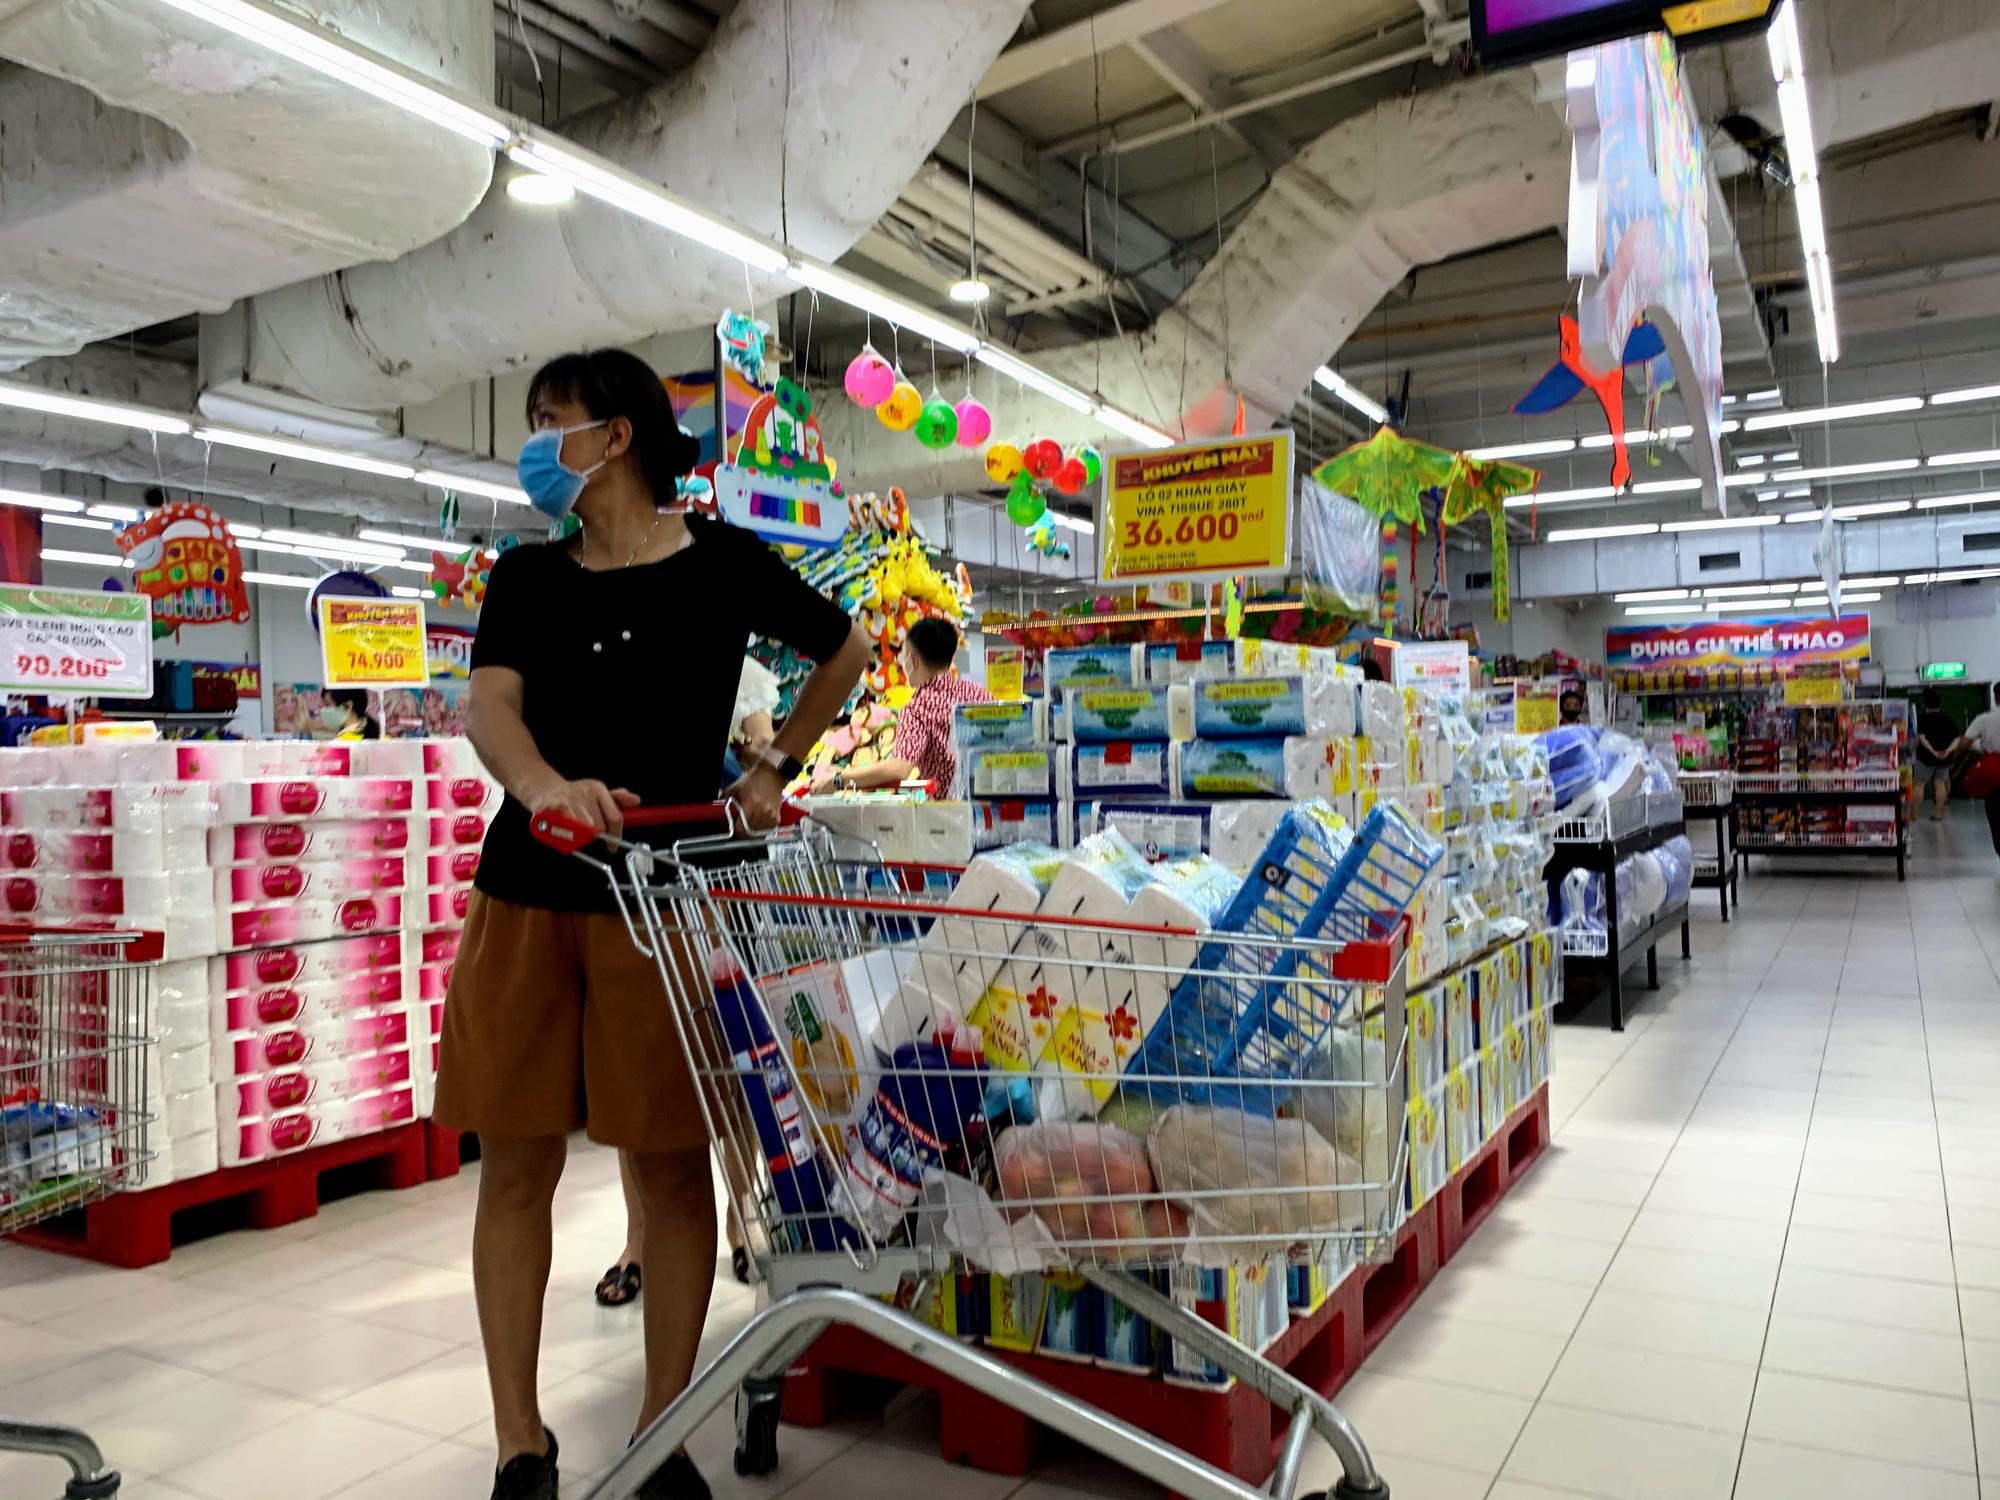 Trước giờ giới nghiêm, người Hà Nội ùn ùn kéo về siêu thị, mua sạch mì tôm, thực phẩm, giấy vệ sinh - Ảnh 15.